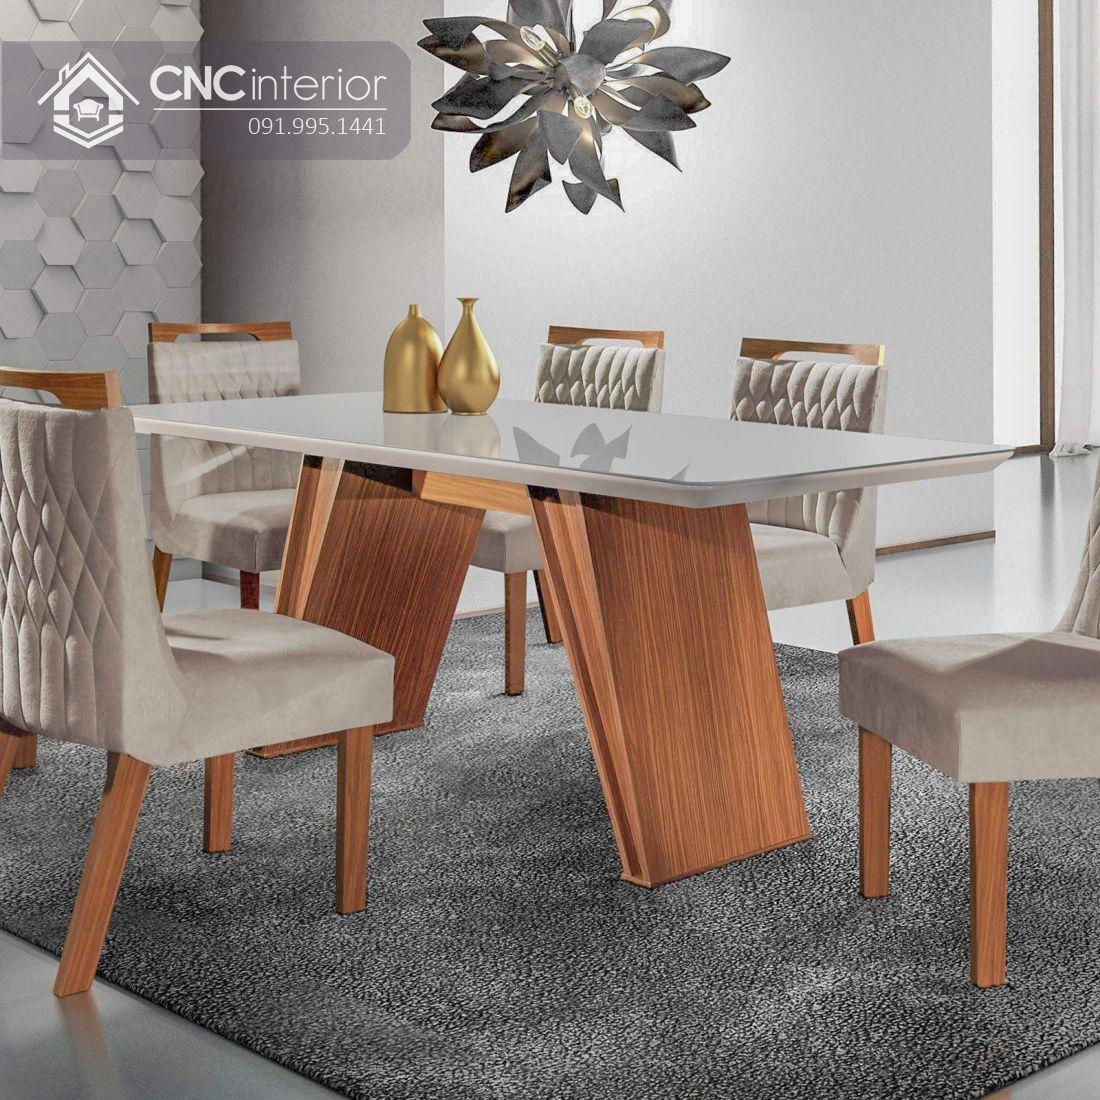 Bộ bàn ghế phòng ăn sang trọng CNC 29 1